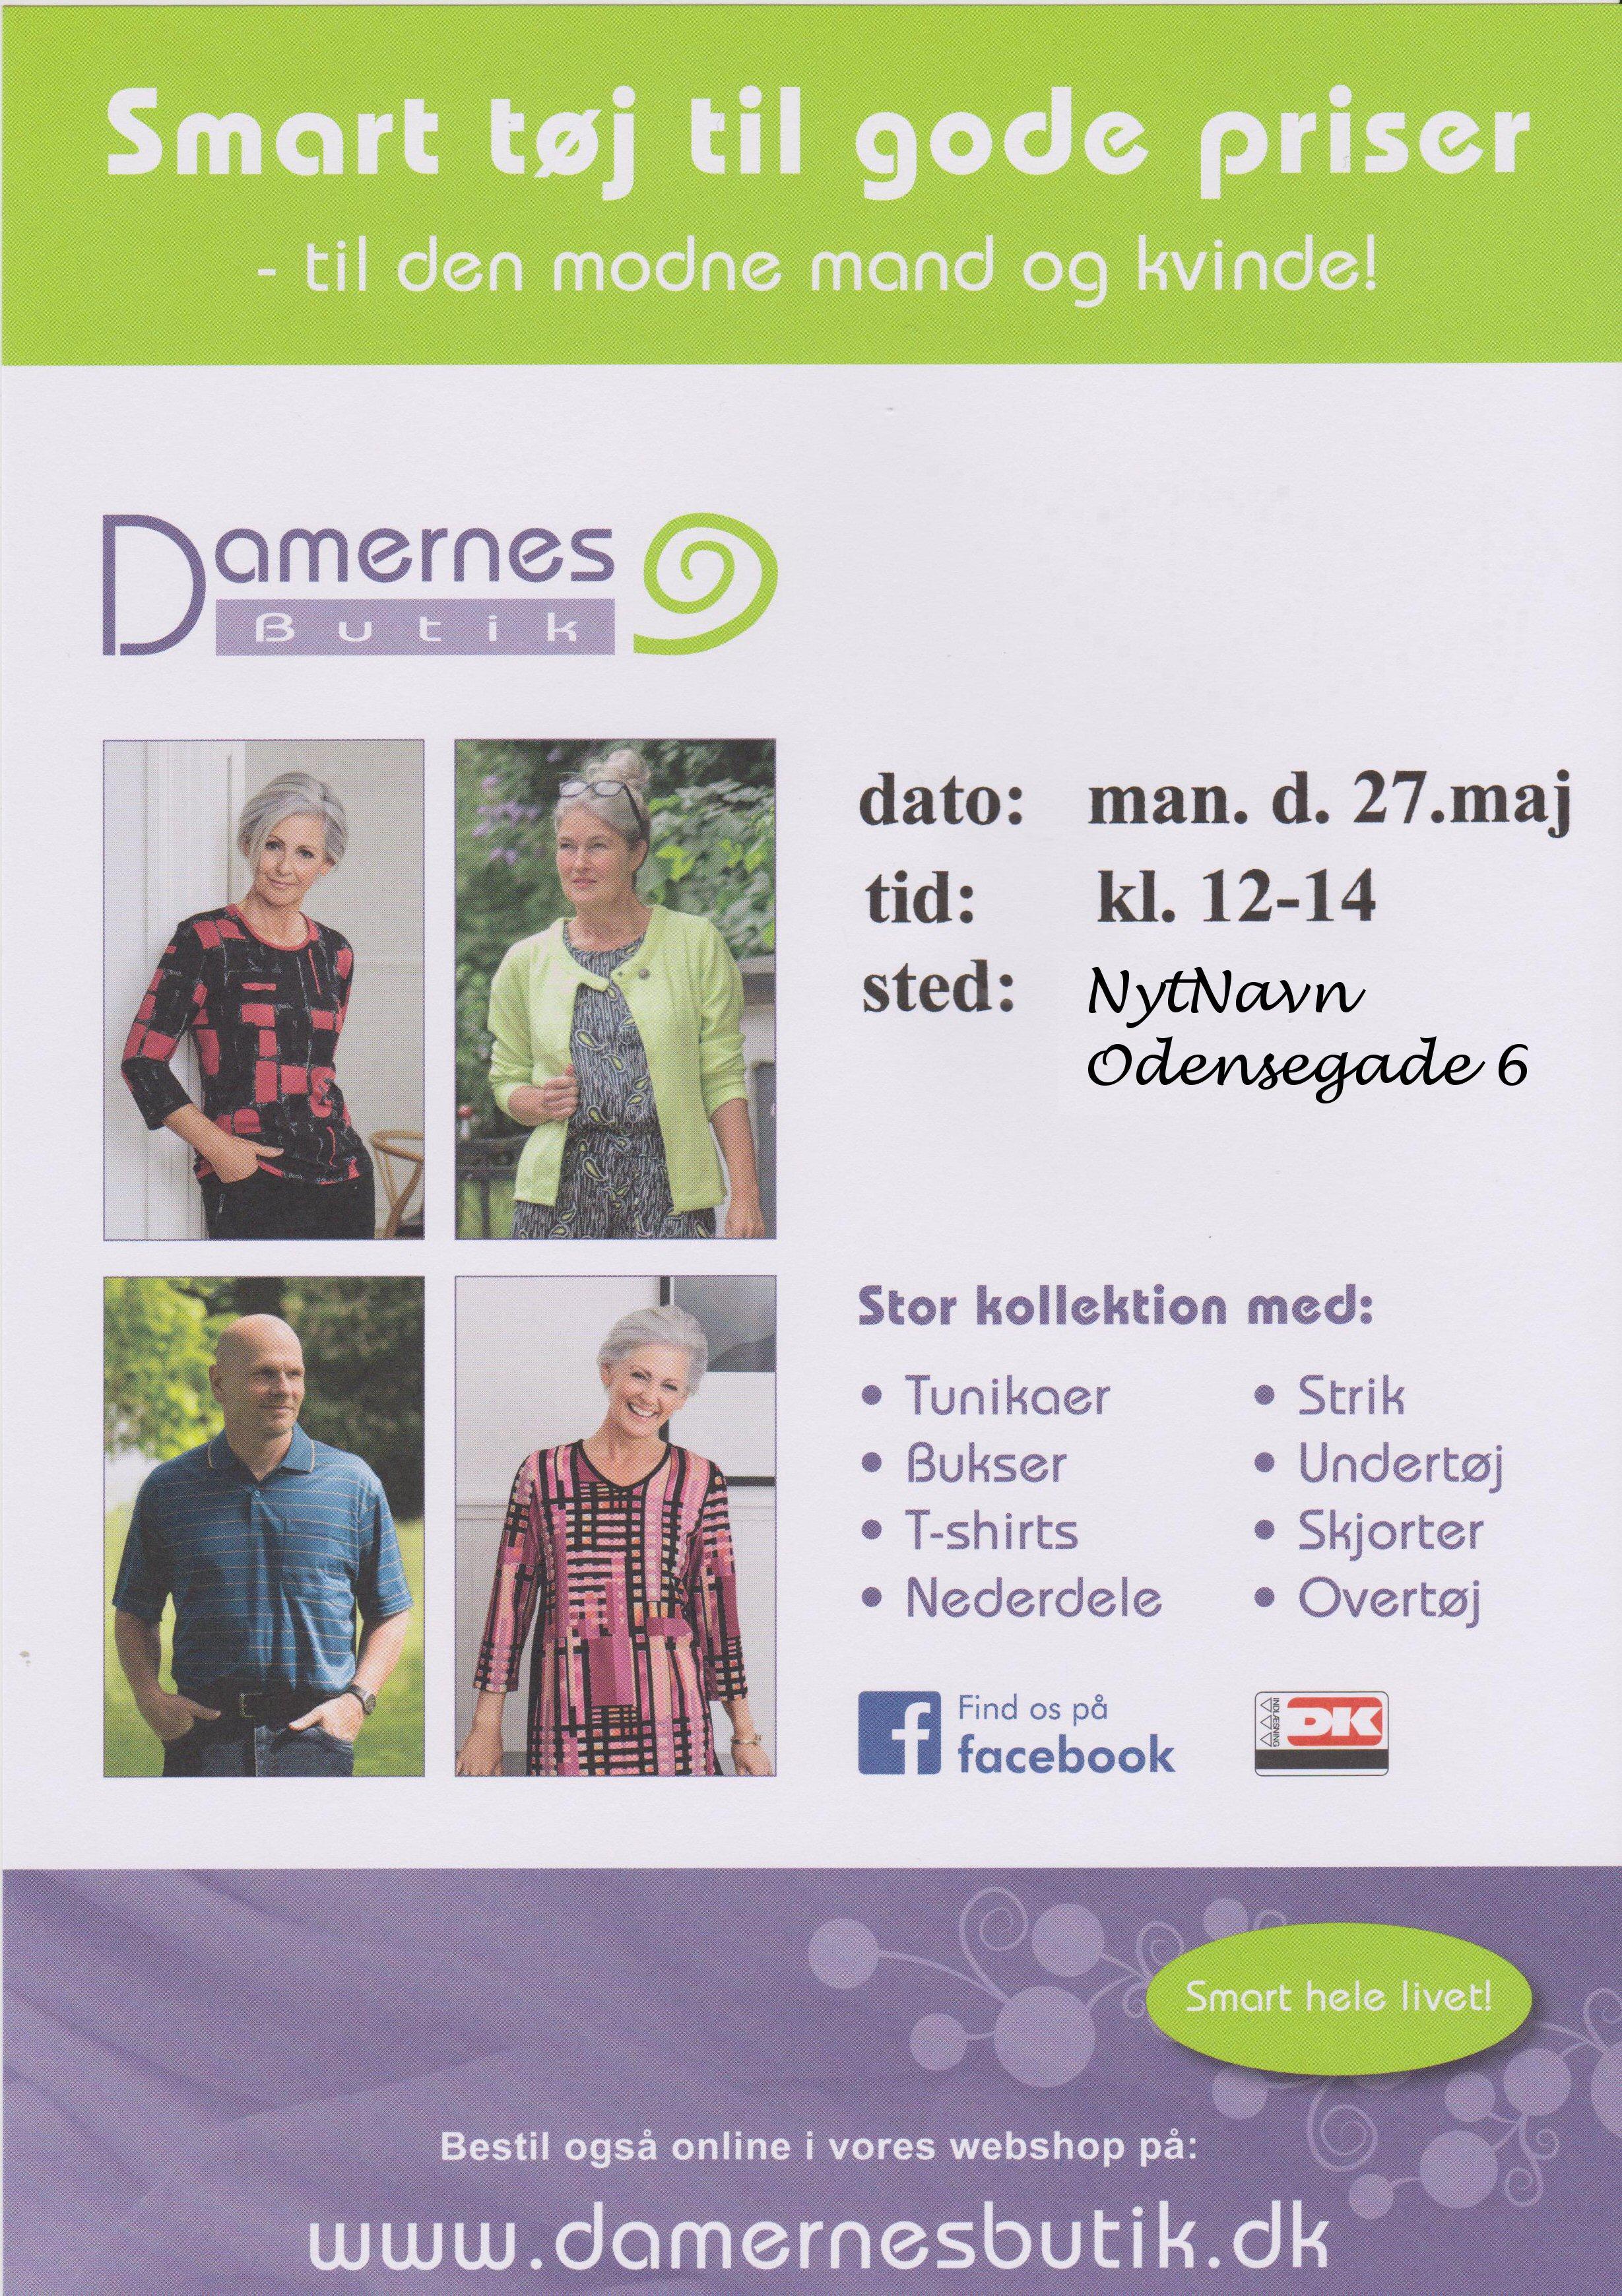 27/5 Damernes butik @ Nabo Østerbro, NytNavn